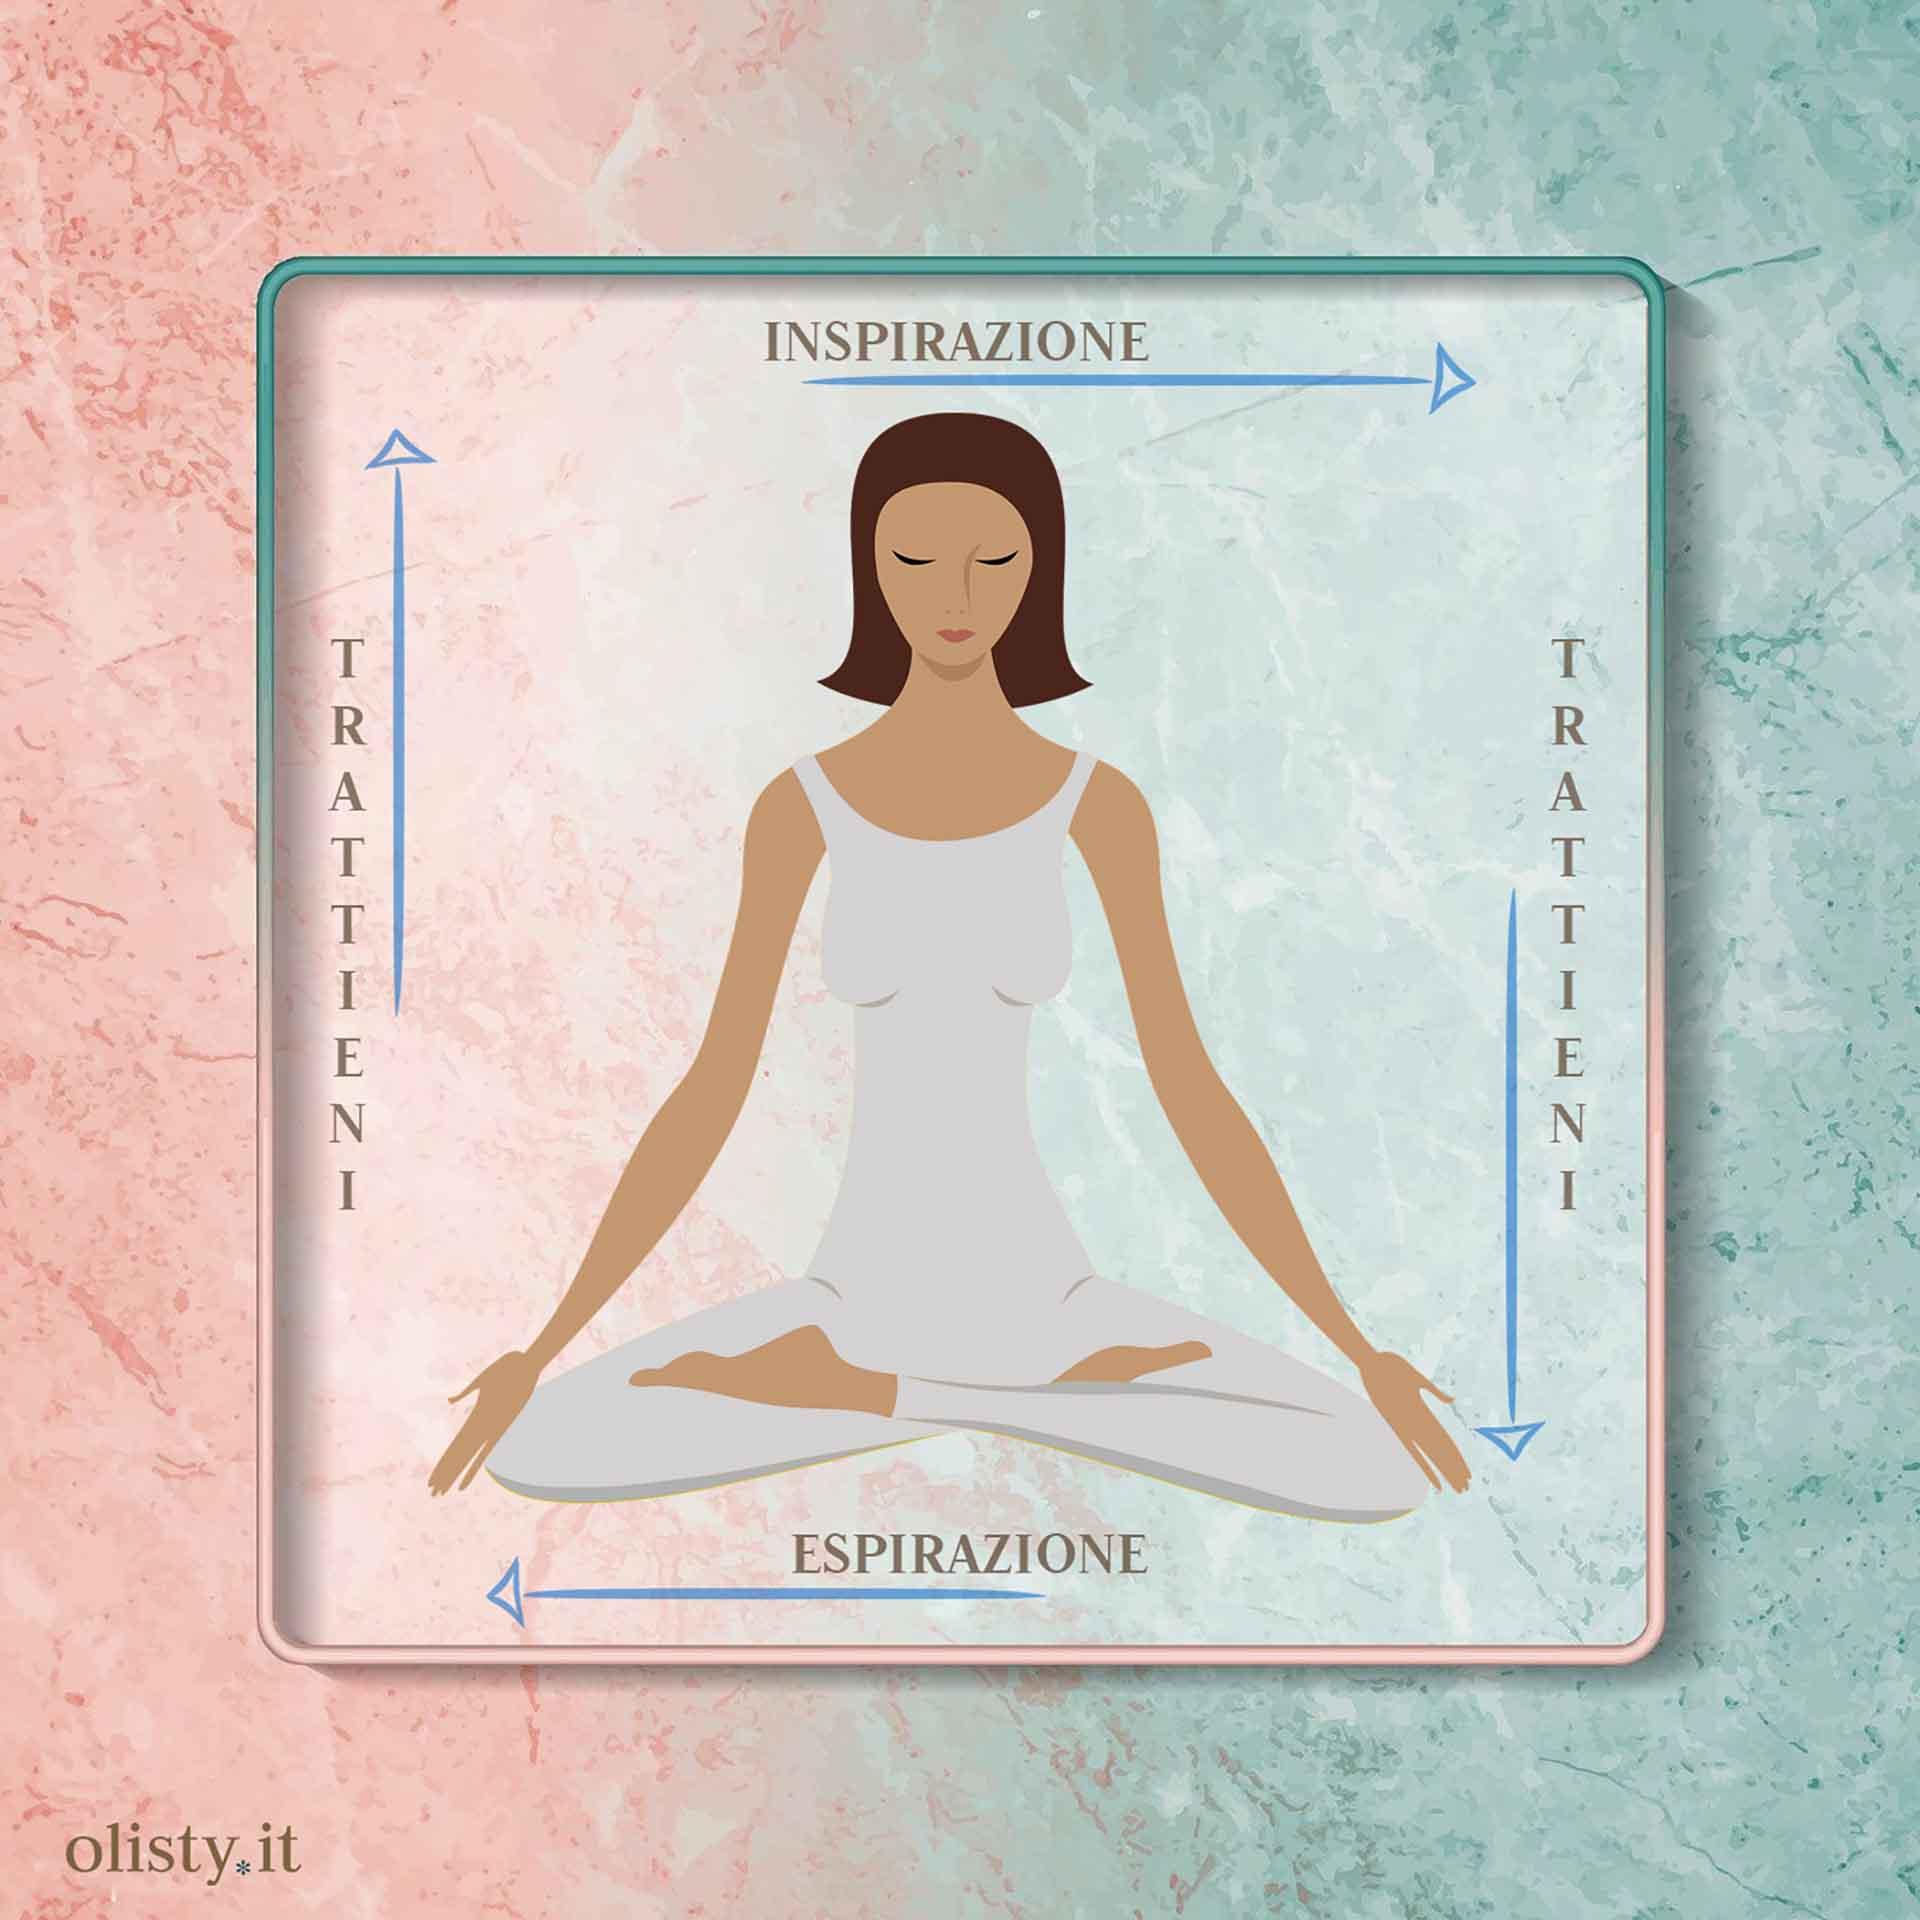 Respirazione quadrata, Come ridurre l'ansia, respirazione per l'ansia, Meditazione rapida, visualizzazione, relax, rilassamento, psicologia, approccio olistico, prevenzione, benessere